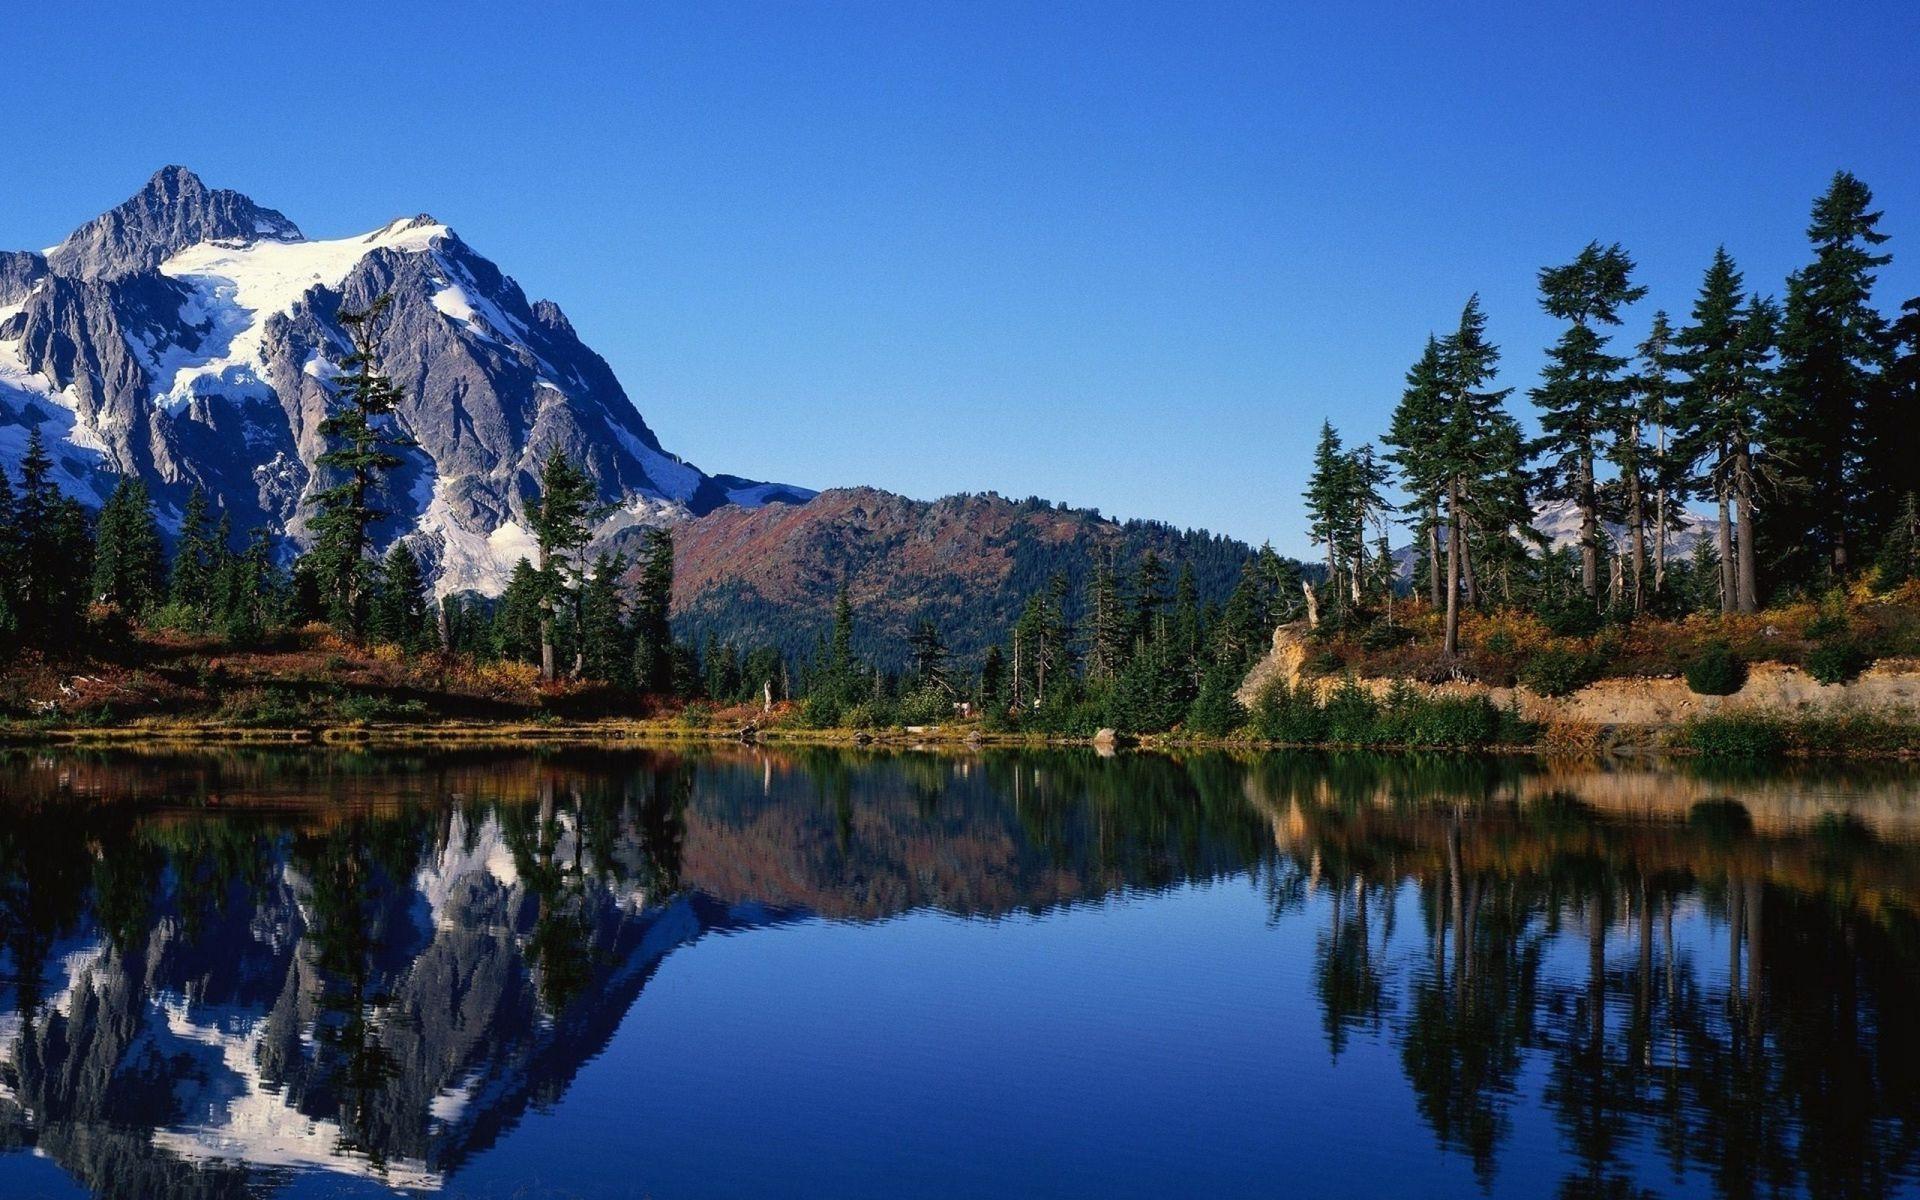 пейзажи природы фото скачать через торрент #10